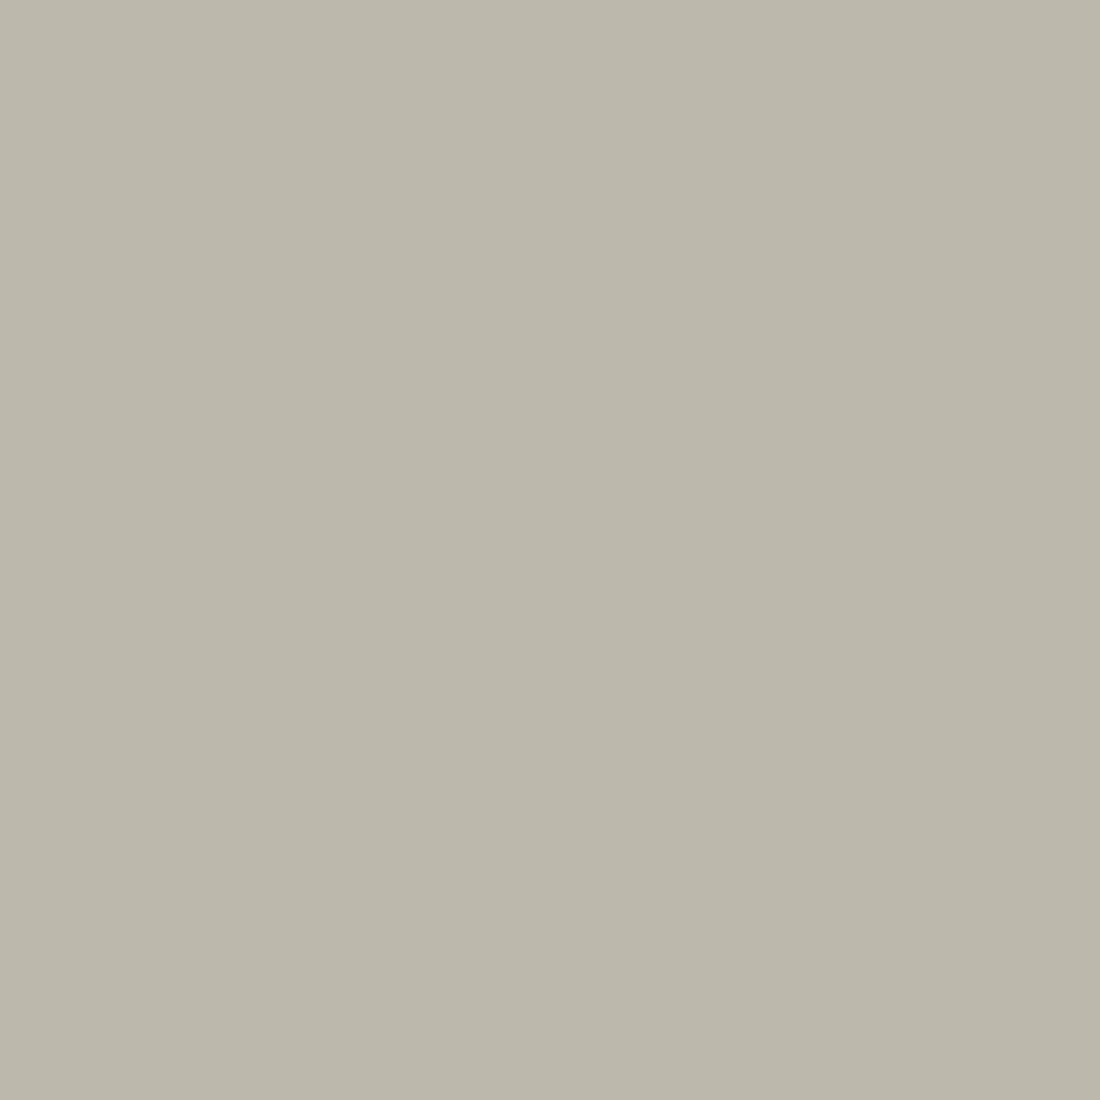 Porcelanato Delta Tecno Avorio Polido 60x60 Borda Reta